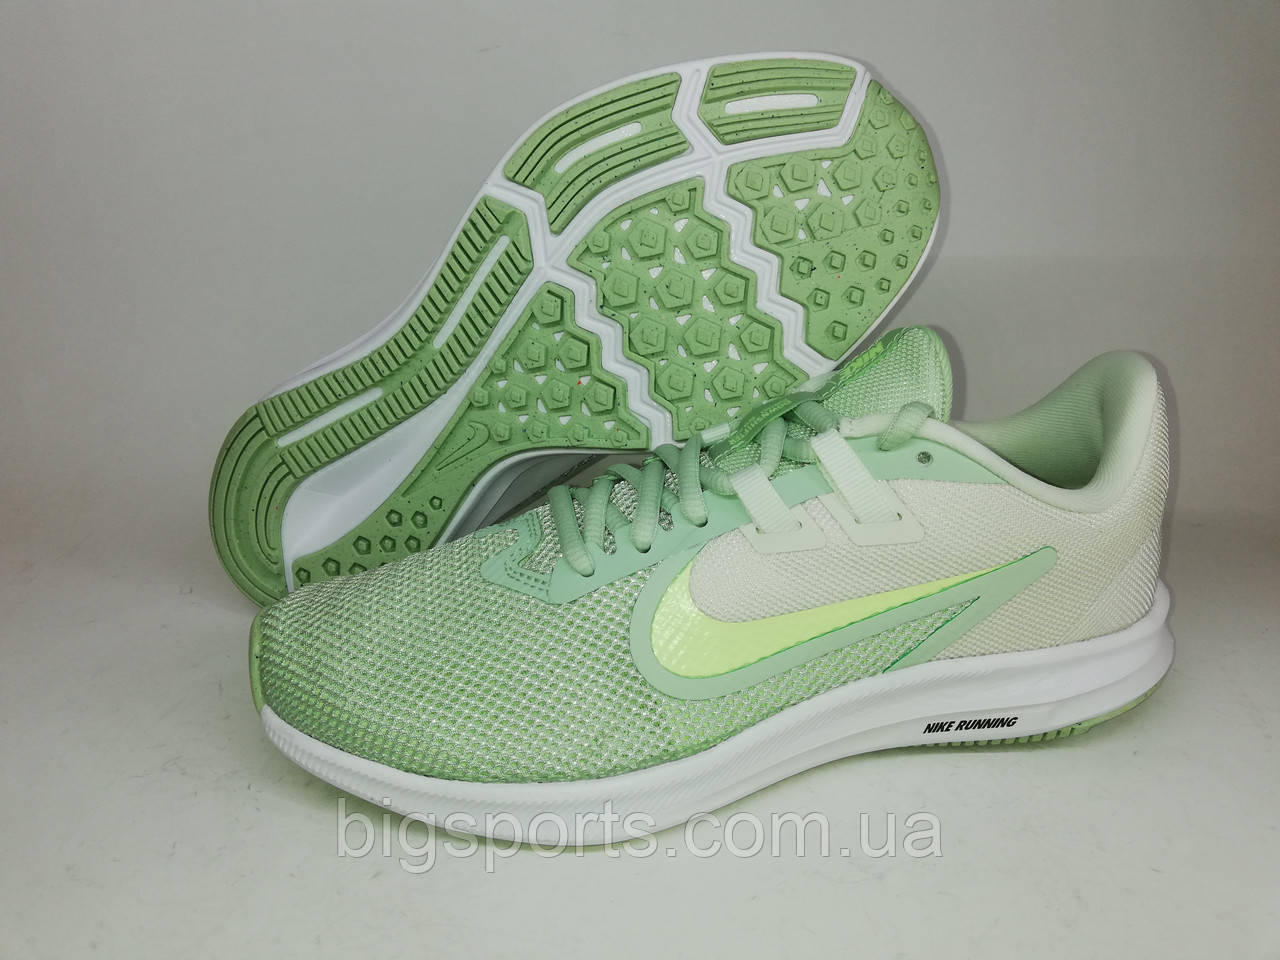 Кроссовки жен. Nike Wmns Downshifter 9 (арт. AQ7486-300)